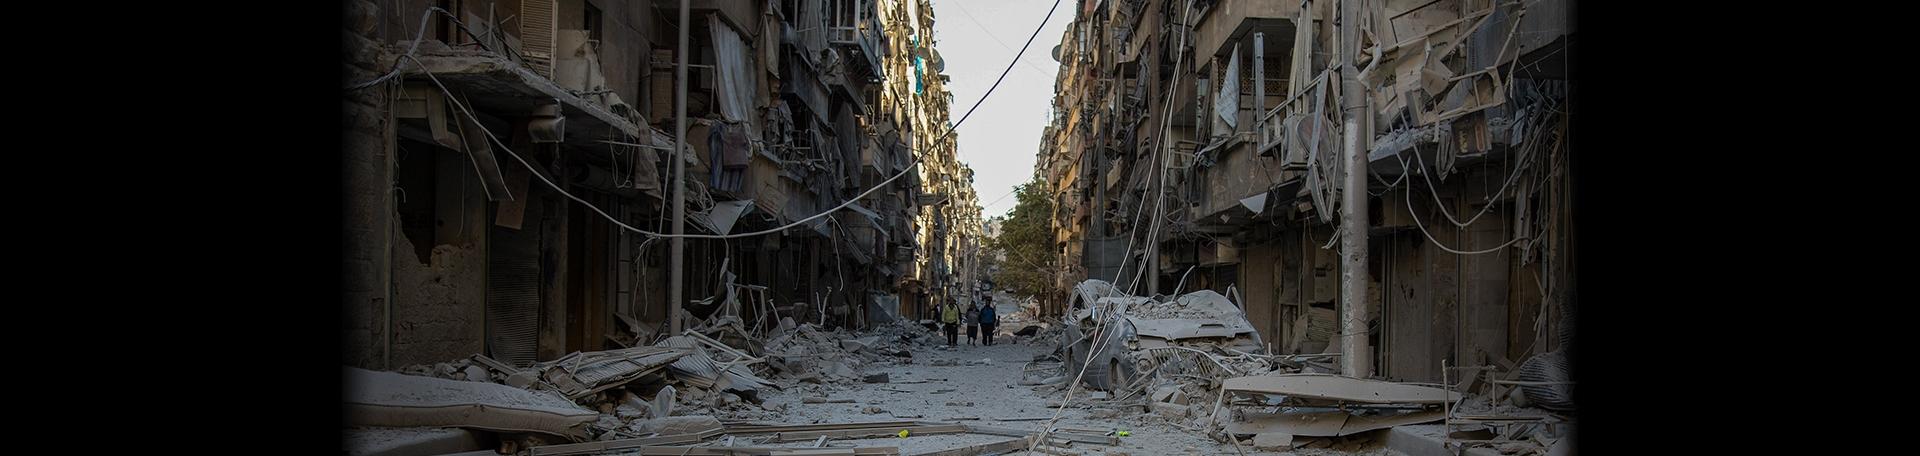 시리아 분쟁 6주년 이미지